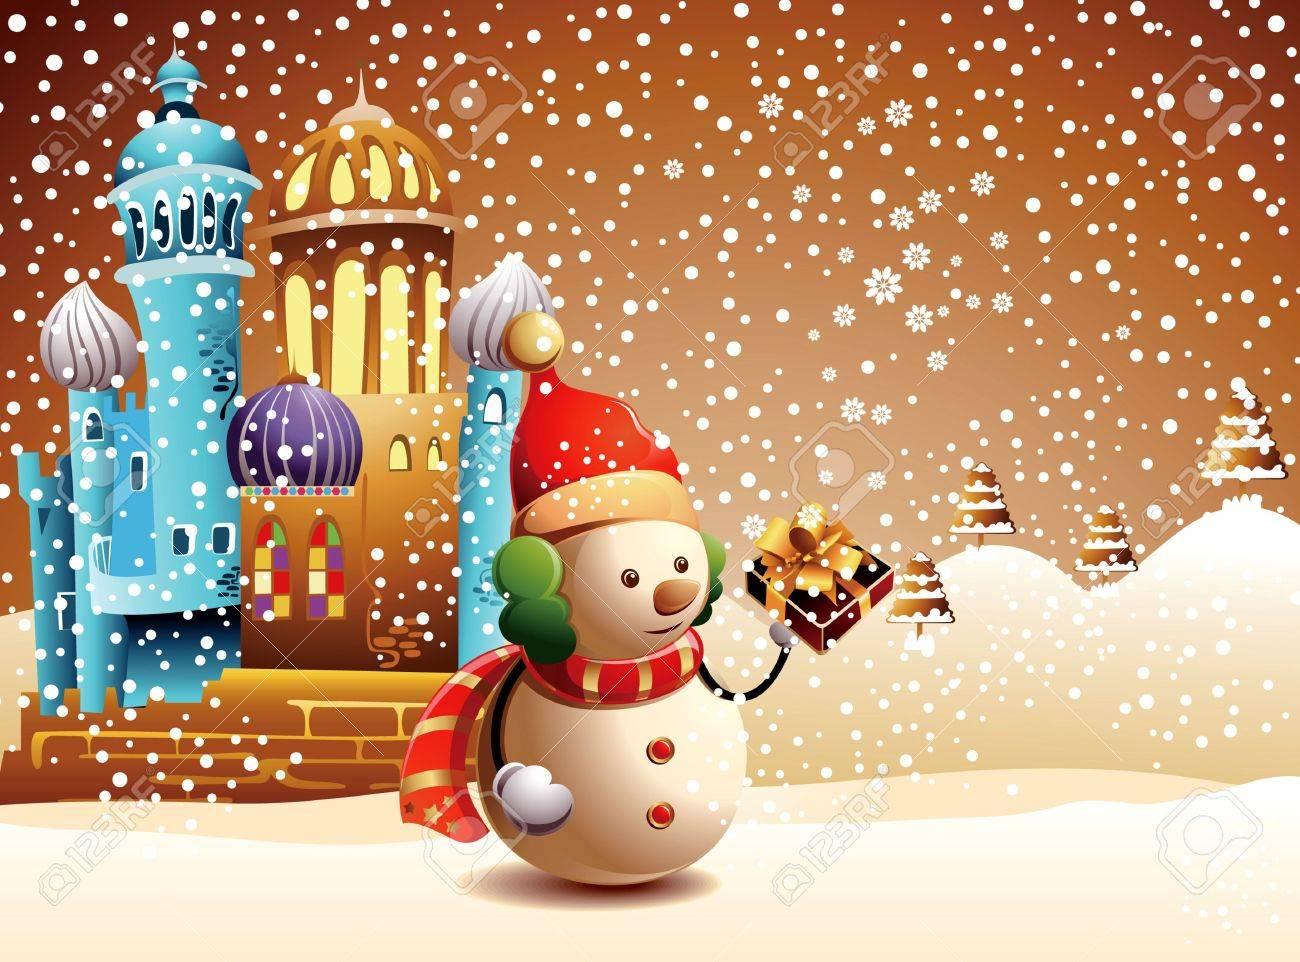 christmas cartoon character royalty free cliparts vectors and